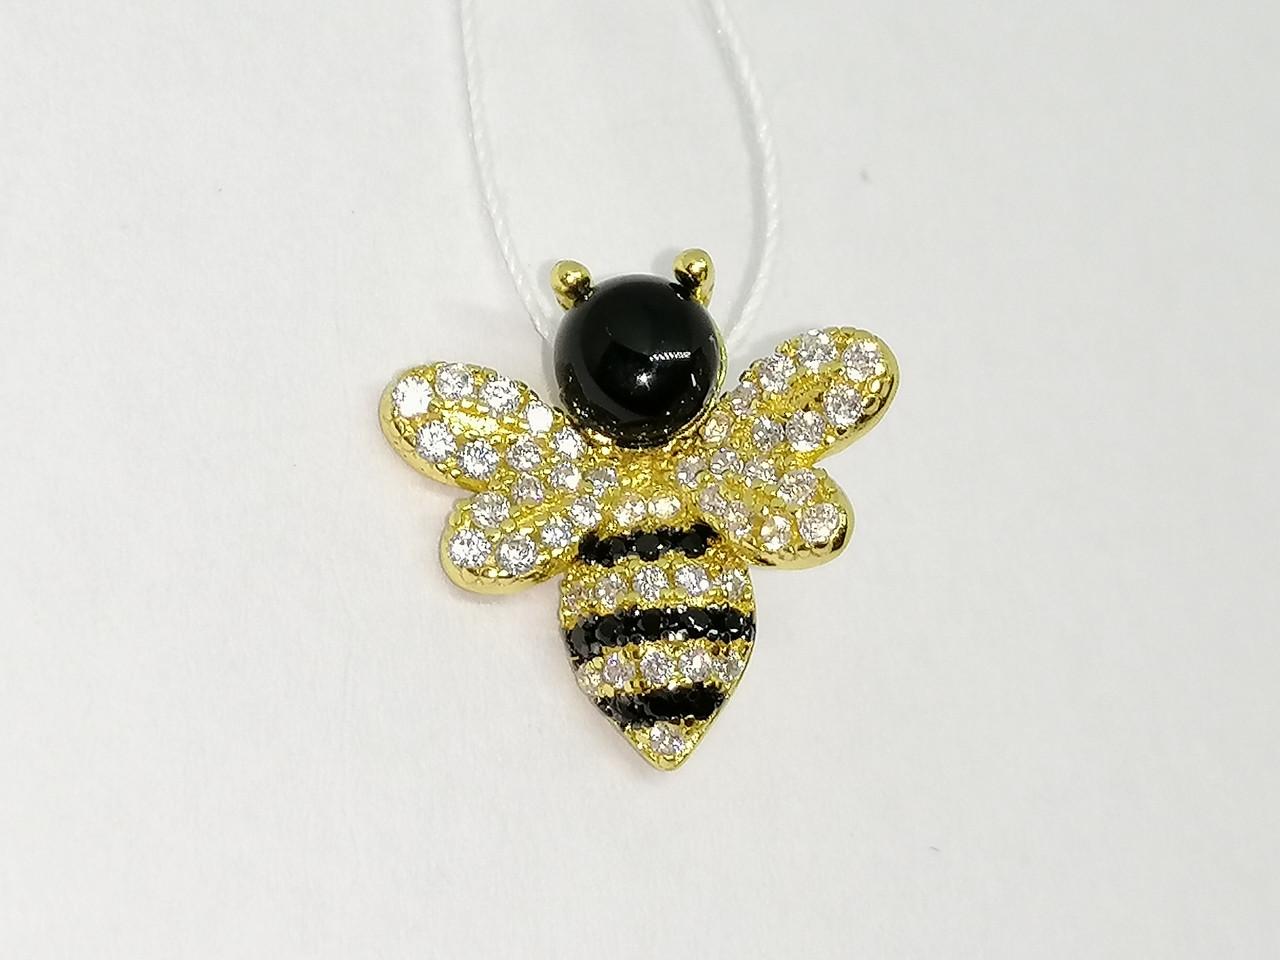 Серебряная подвеска Пчелка с фианитами и позолотой. Артикул П4ФО/1116